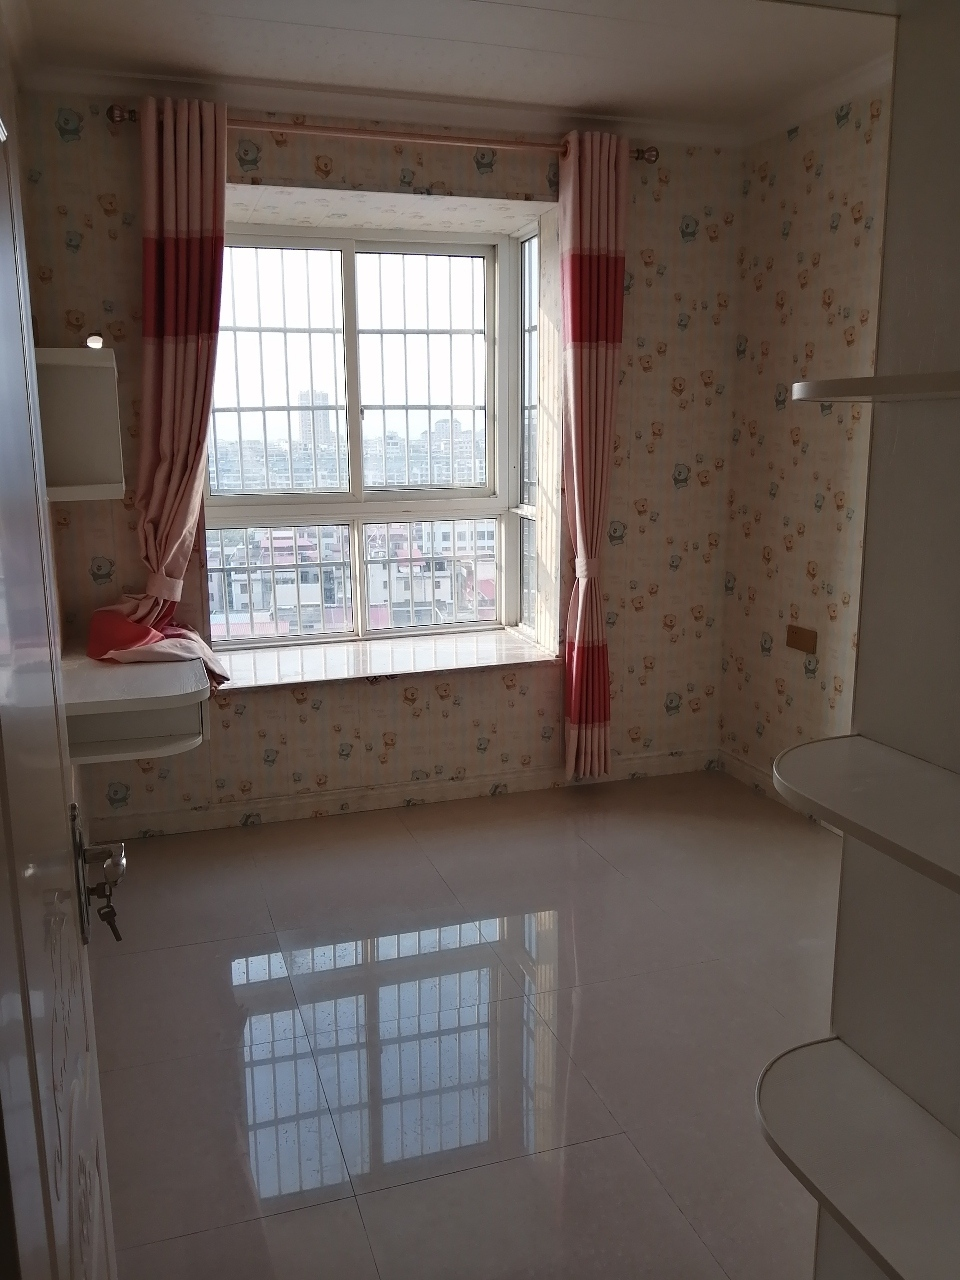 水印丹堤精裝未入住3室2廳2衛112萬元